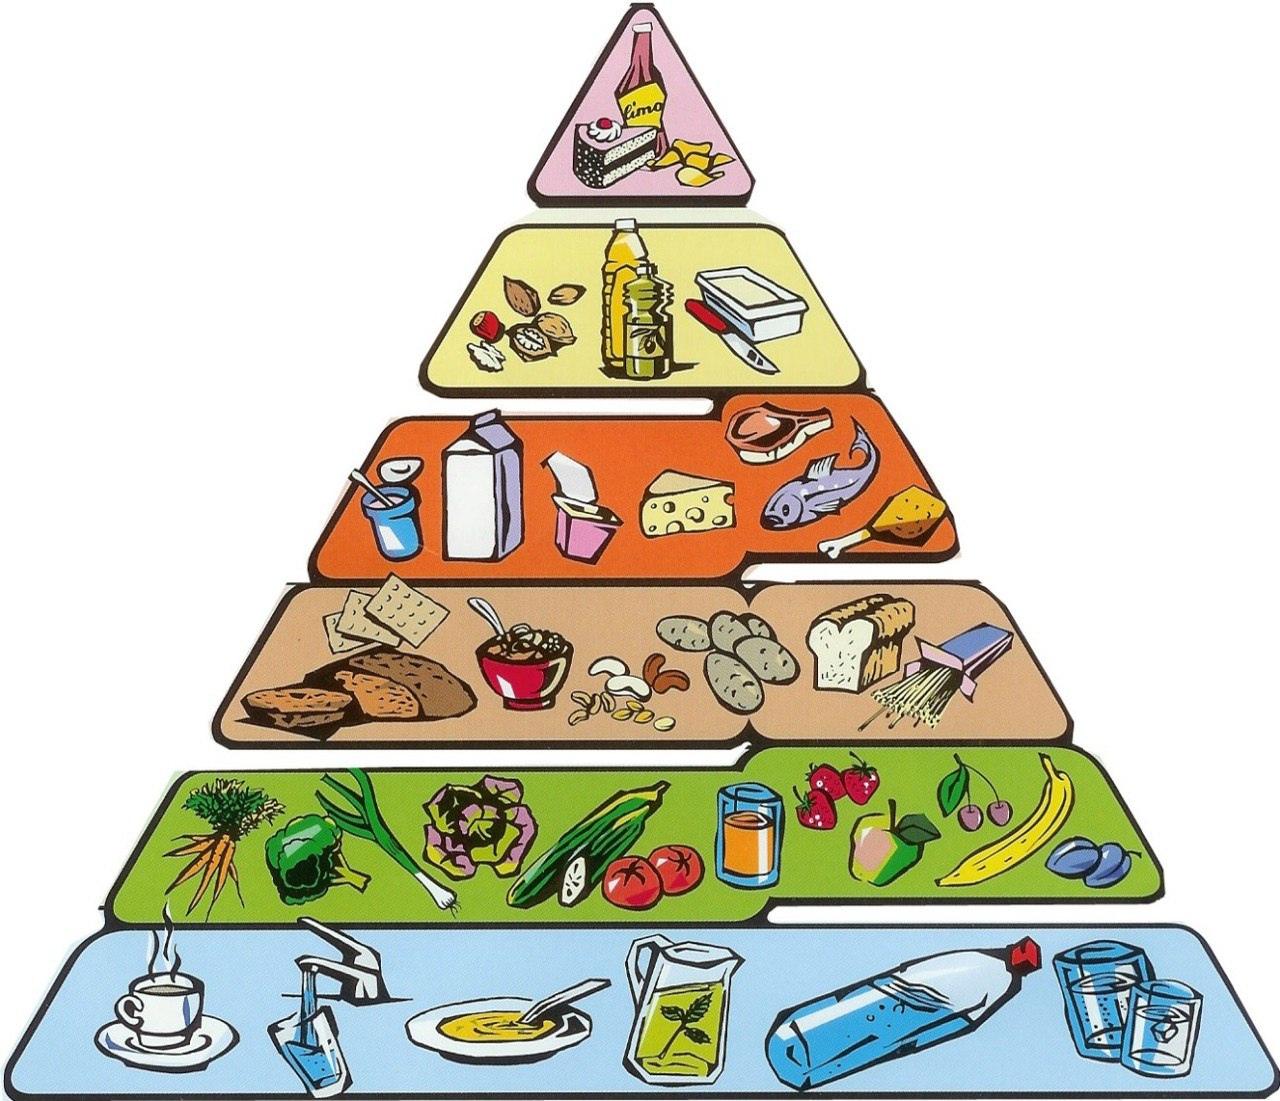 все здоровое питание пирамида питания картинки создания неповторимого